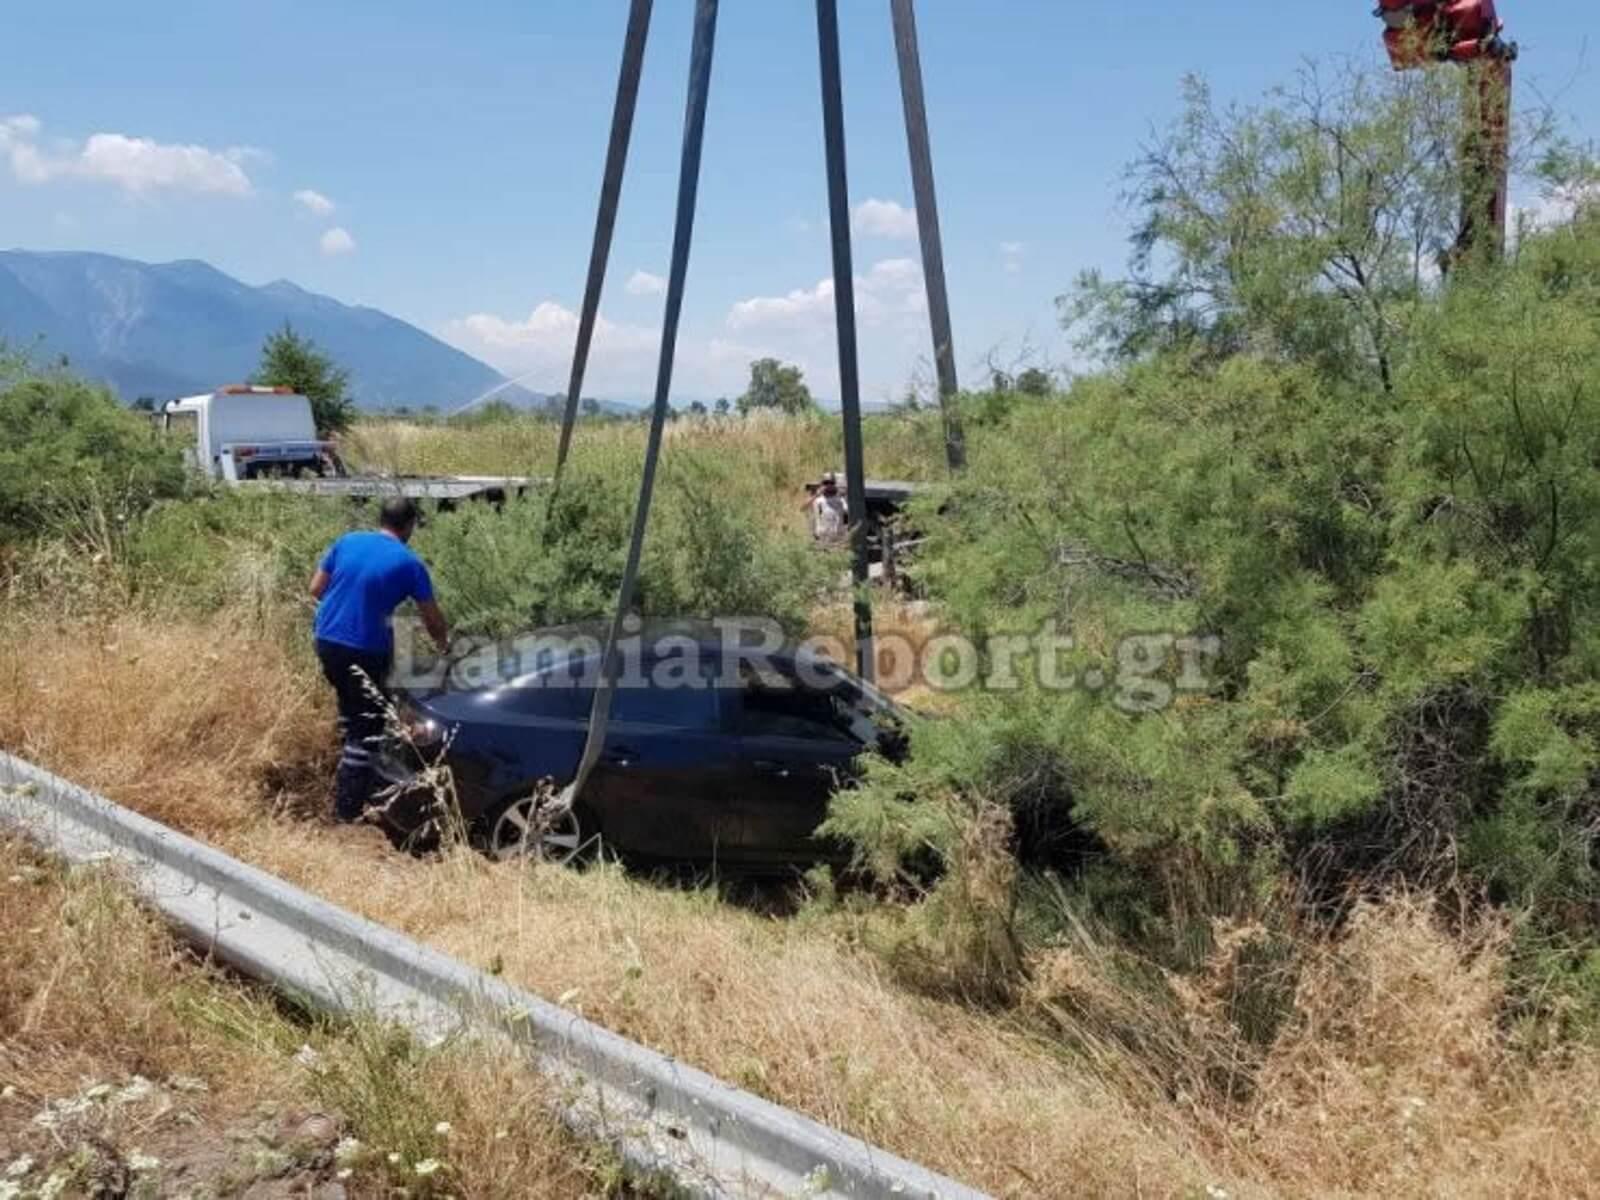 Λαμία: Βρέθηκαν με το αυτοκίνητο μέσα στα χωράφια! [pics]